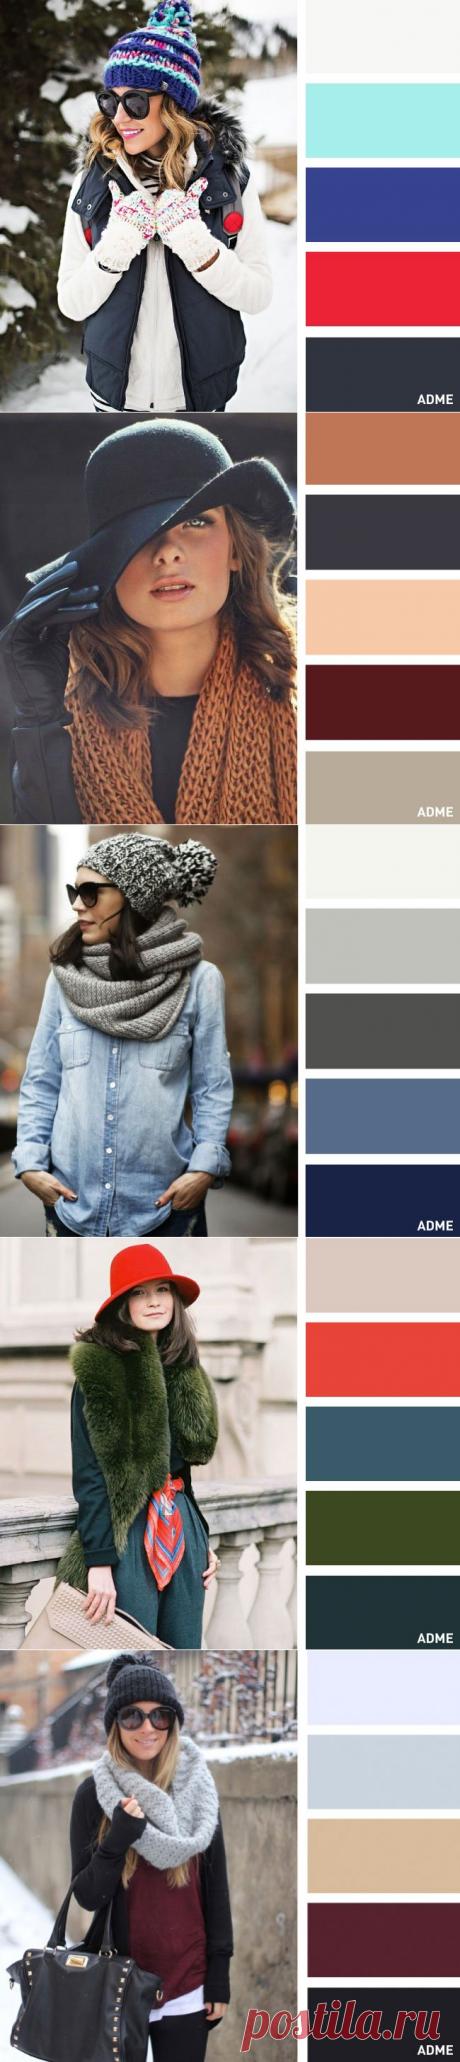 15 сочетаний цветов для шапок и шарфов | Изюминки